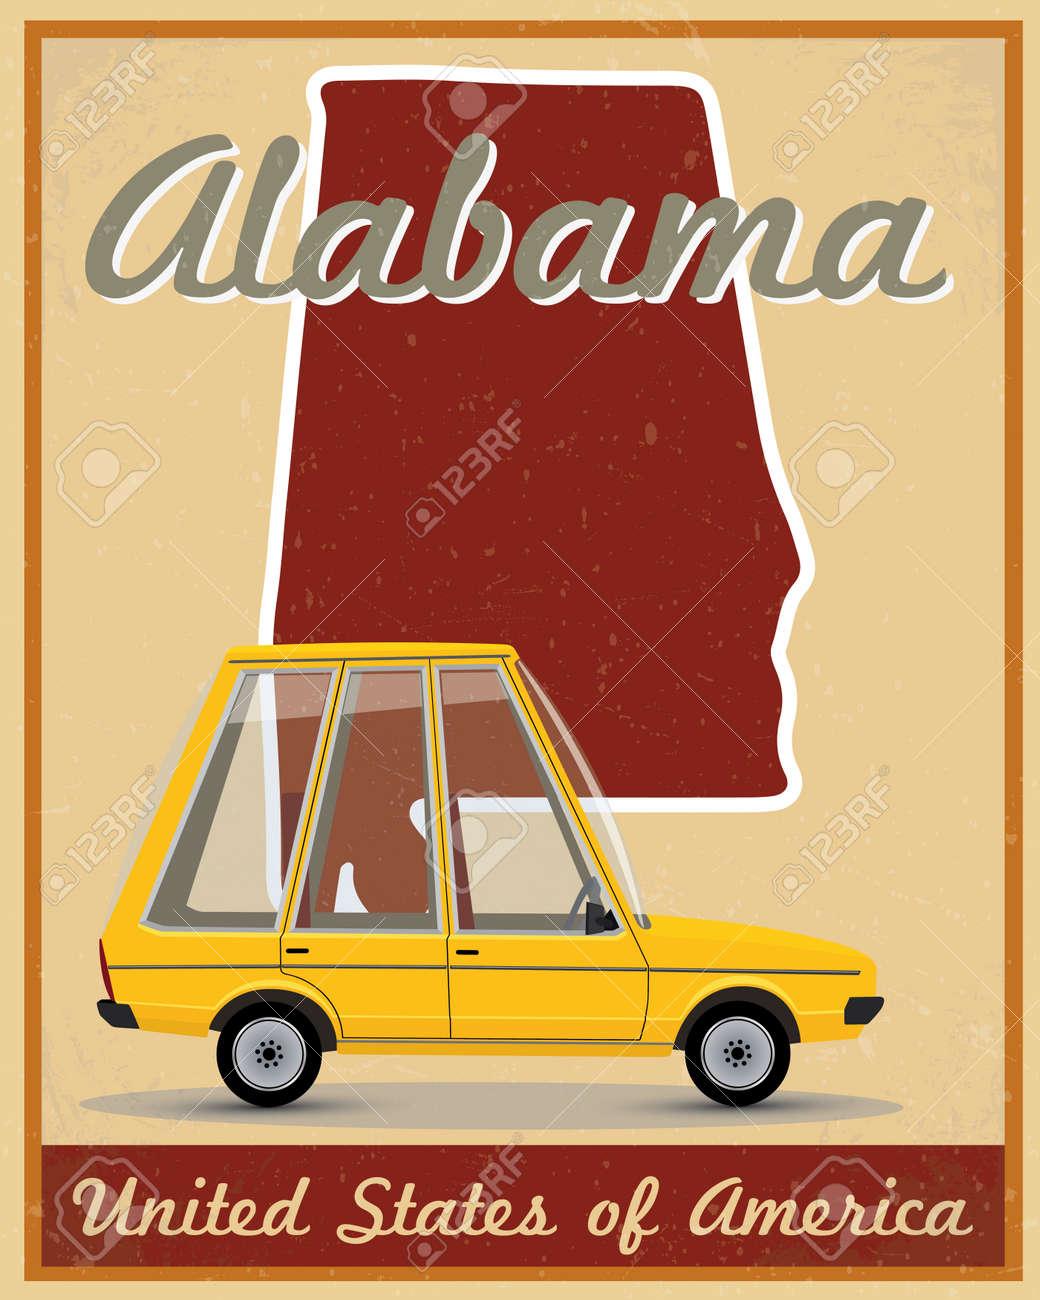 Alabama Road Trip Vintage Poster Royalty Free Cliparts, Vectors ...